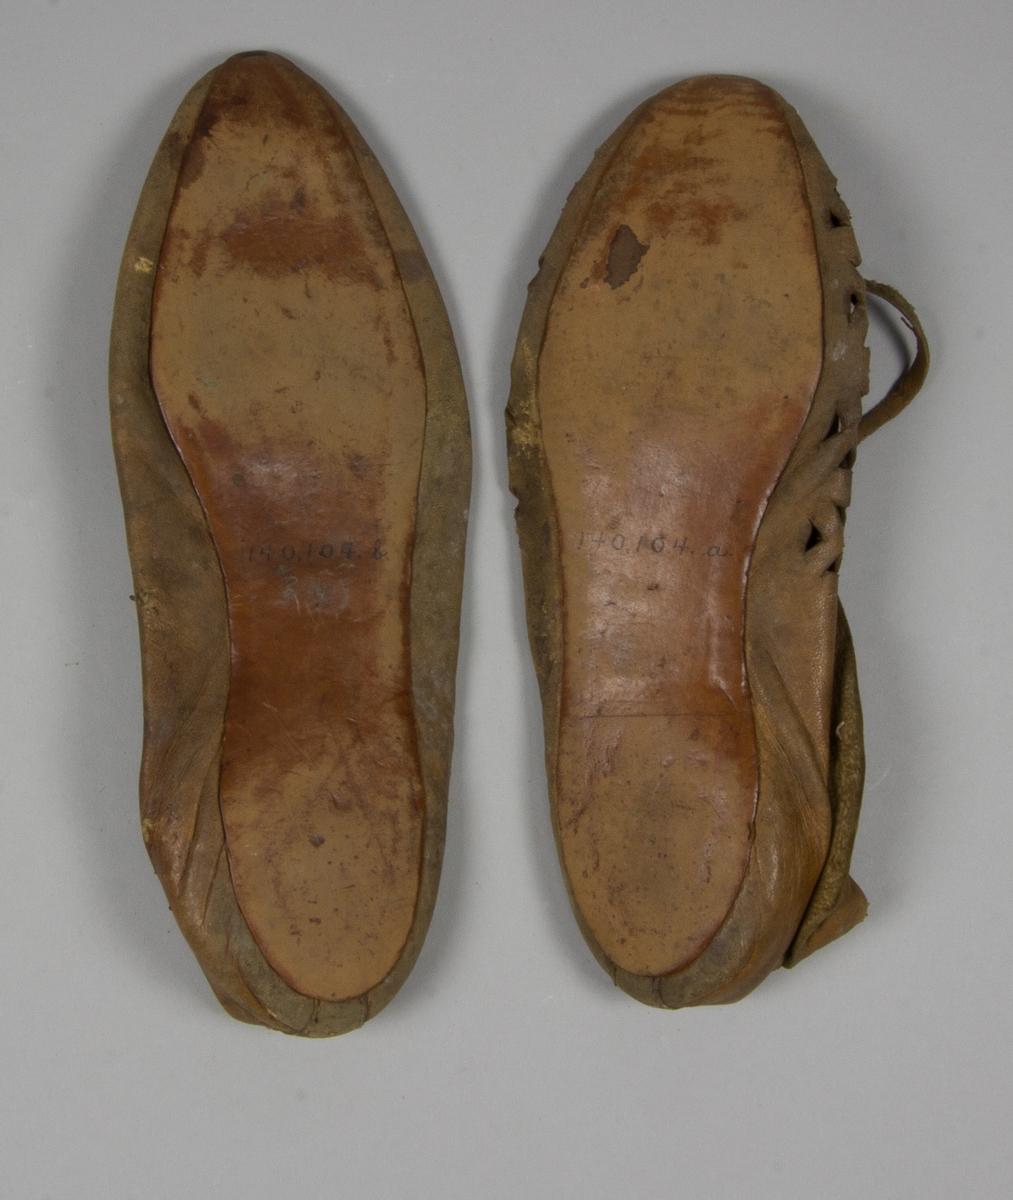 Skor, 2 st av brunt skinn, av mockasintyp. Den ena med genombruten ovansida och nedvikt skaft samt band under det nedvikta skaftet. Tunn sula. Den andra skon med tunn sula och snörning med grovt snöre.